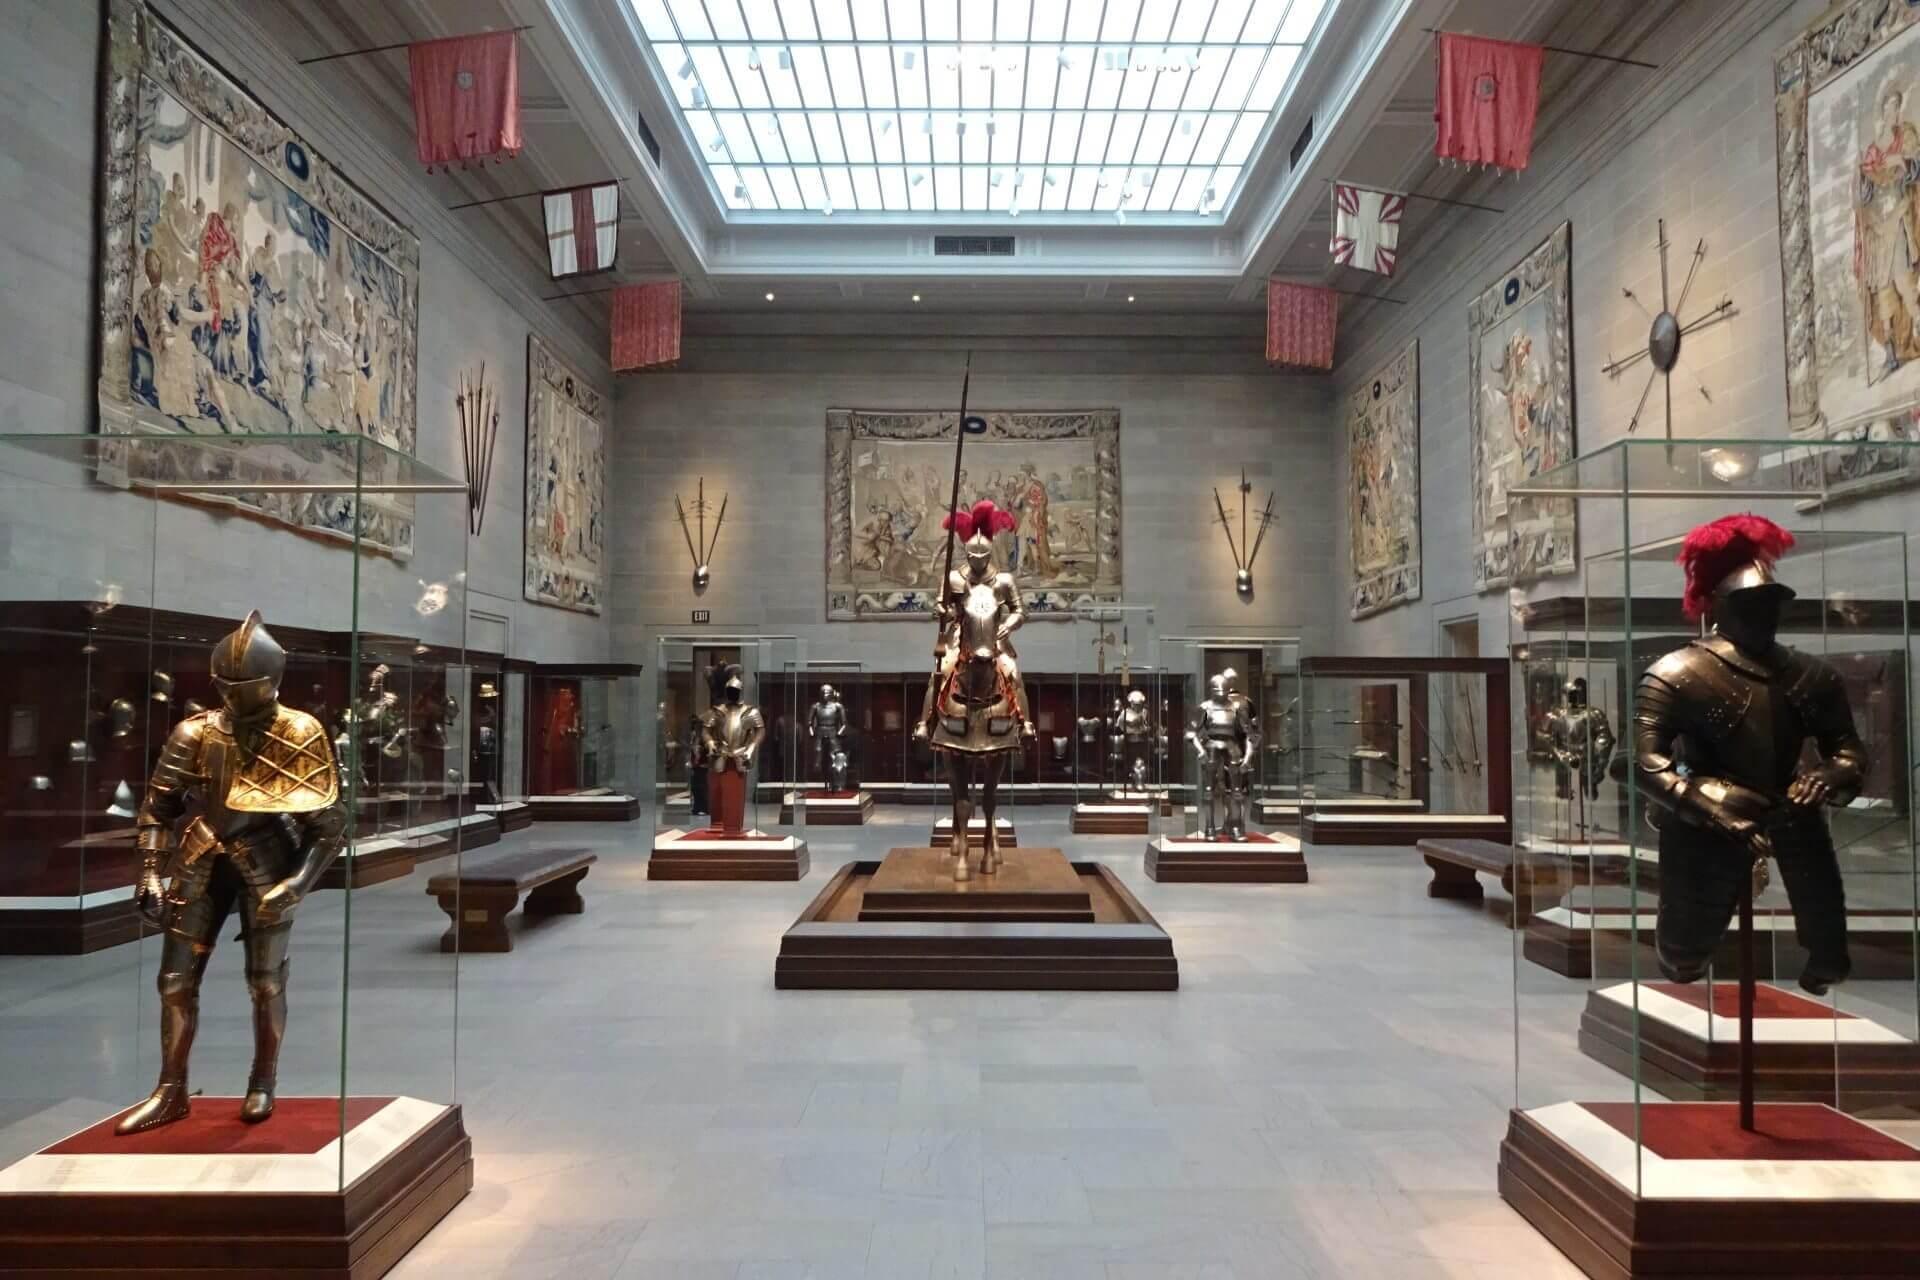 Rittersaal im Cleveland Art Museum. Bilder und Eindrücke aus Cleveland, Ohio, United States.